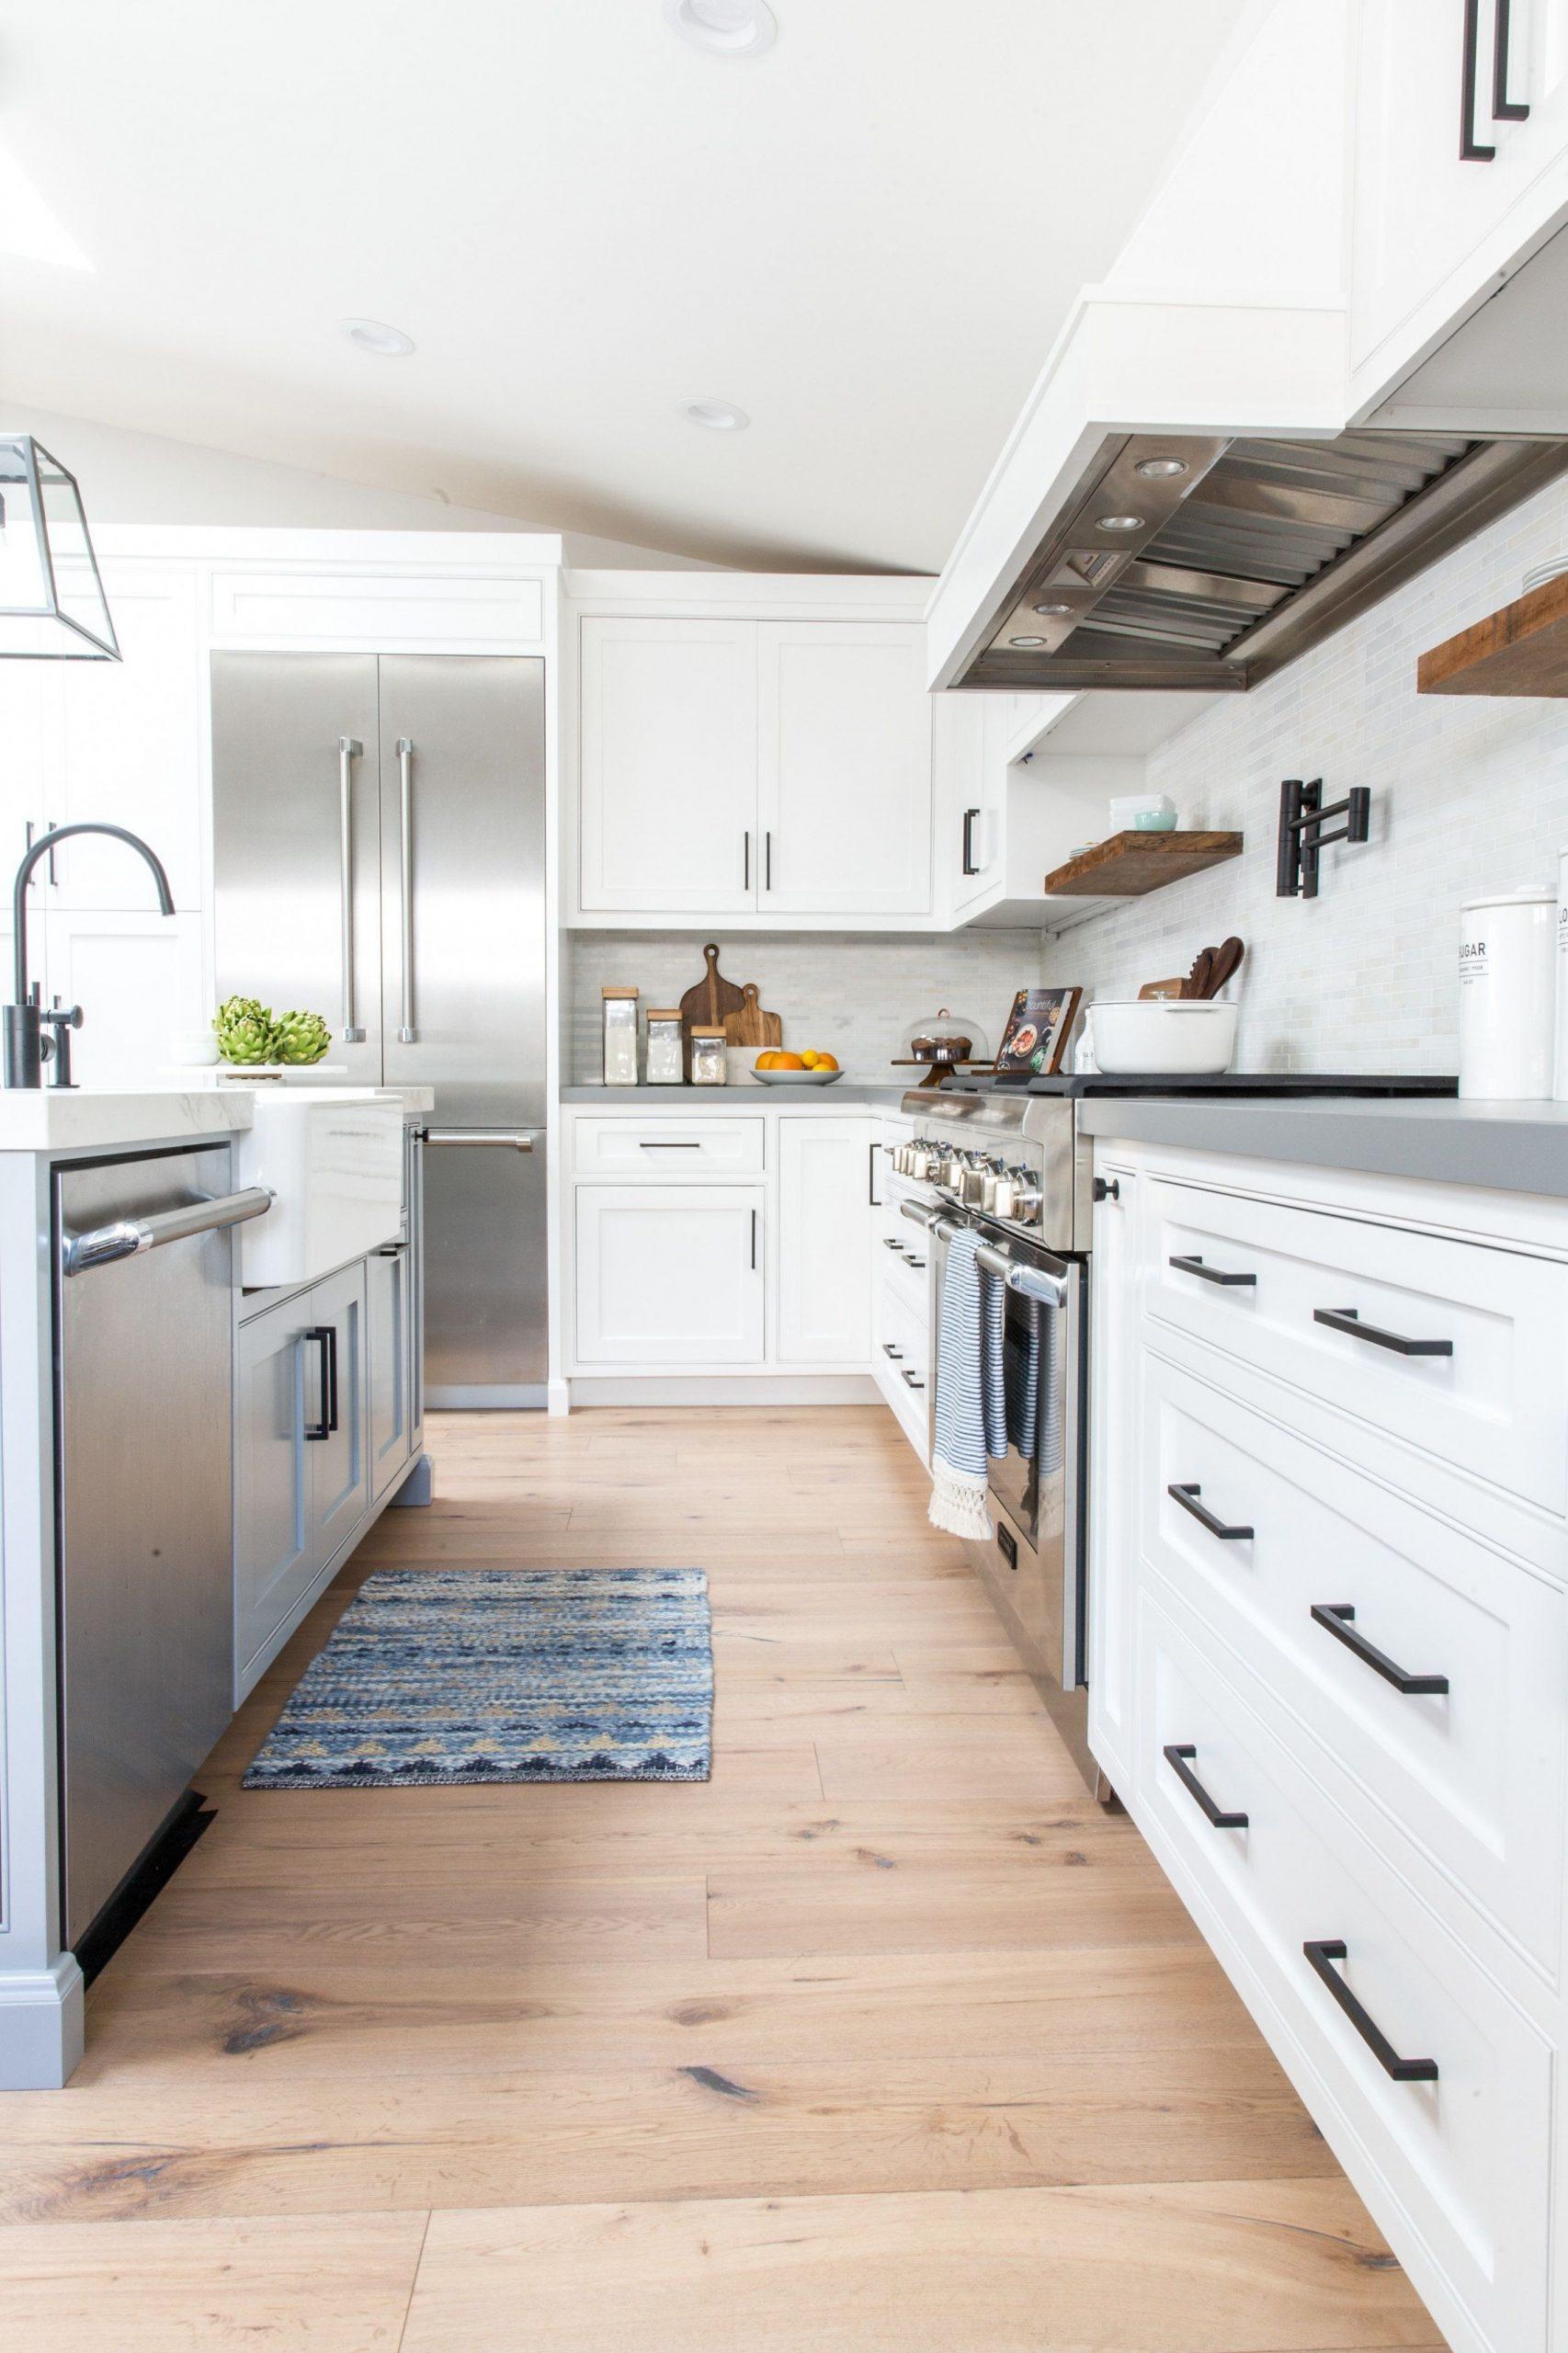 Industrial Farmhouse Kitchen With Matte Black Hardware Lindye – layjao - Matte Black Kitchen Cabinet Hardware